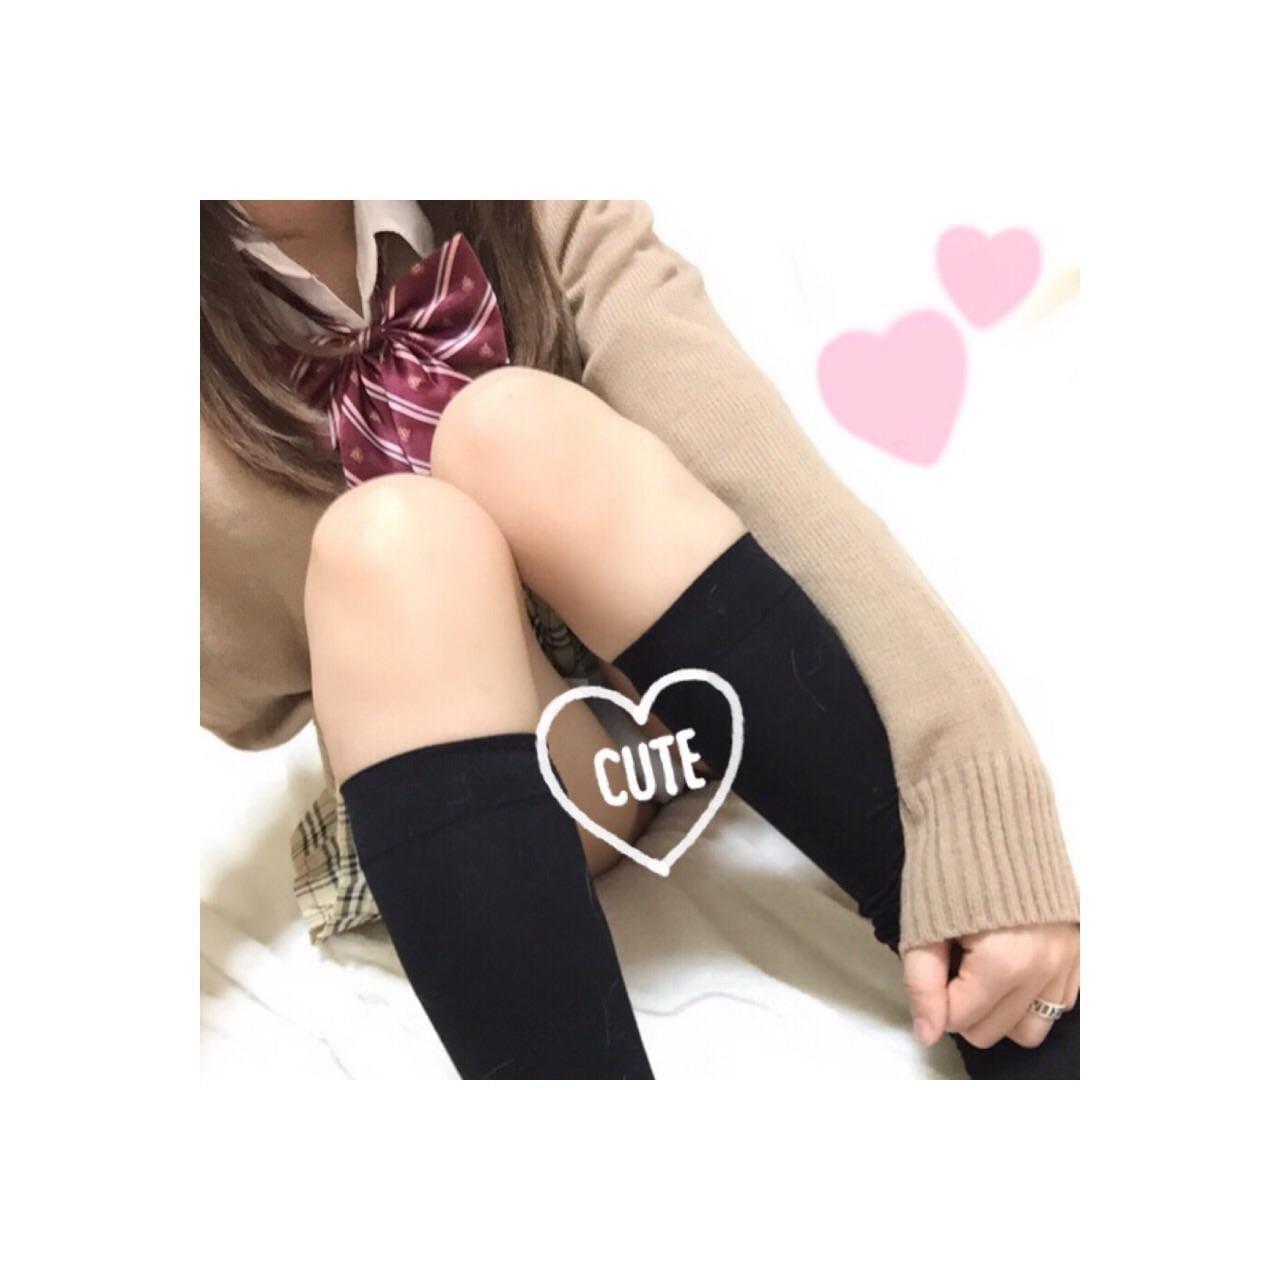 「ある意味一目惚れ」12/15(土) 15:20 | ちえの写メ・風俗動画